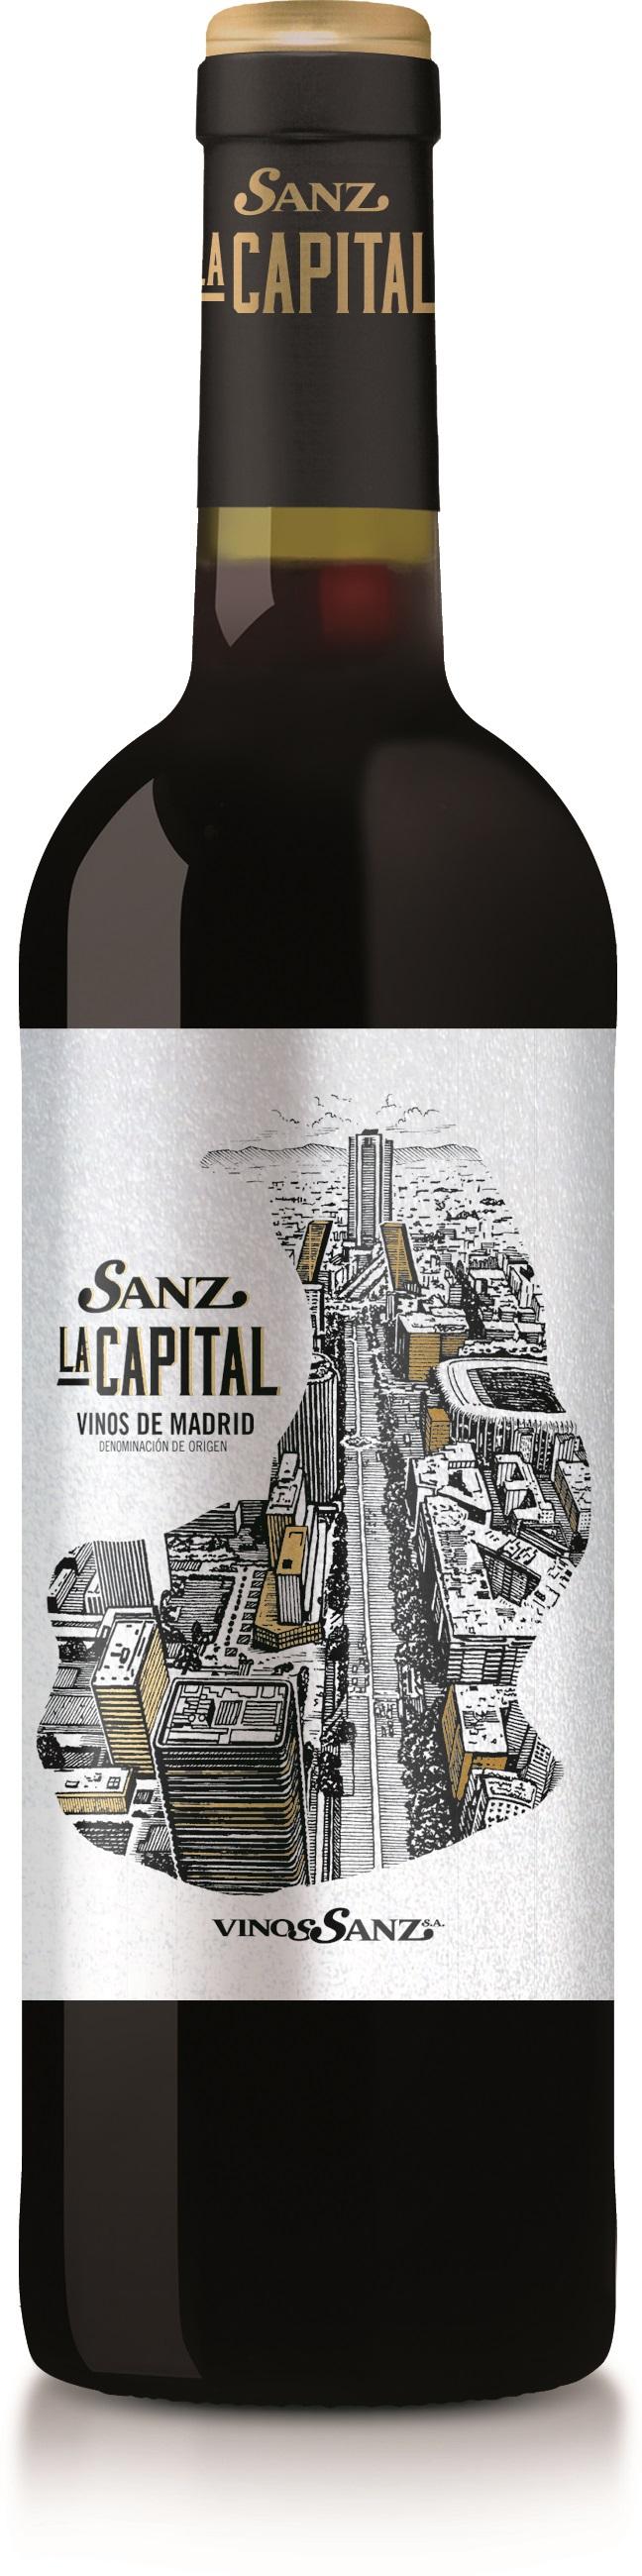 Vinos Sanz La Capital Tempranillo 2017